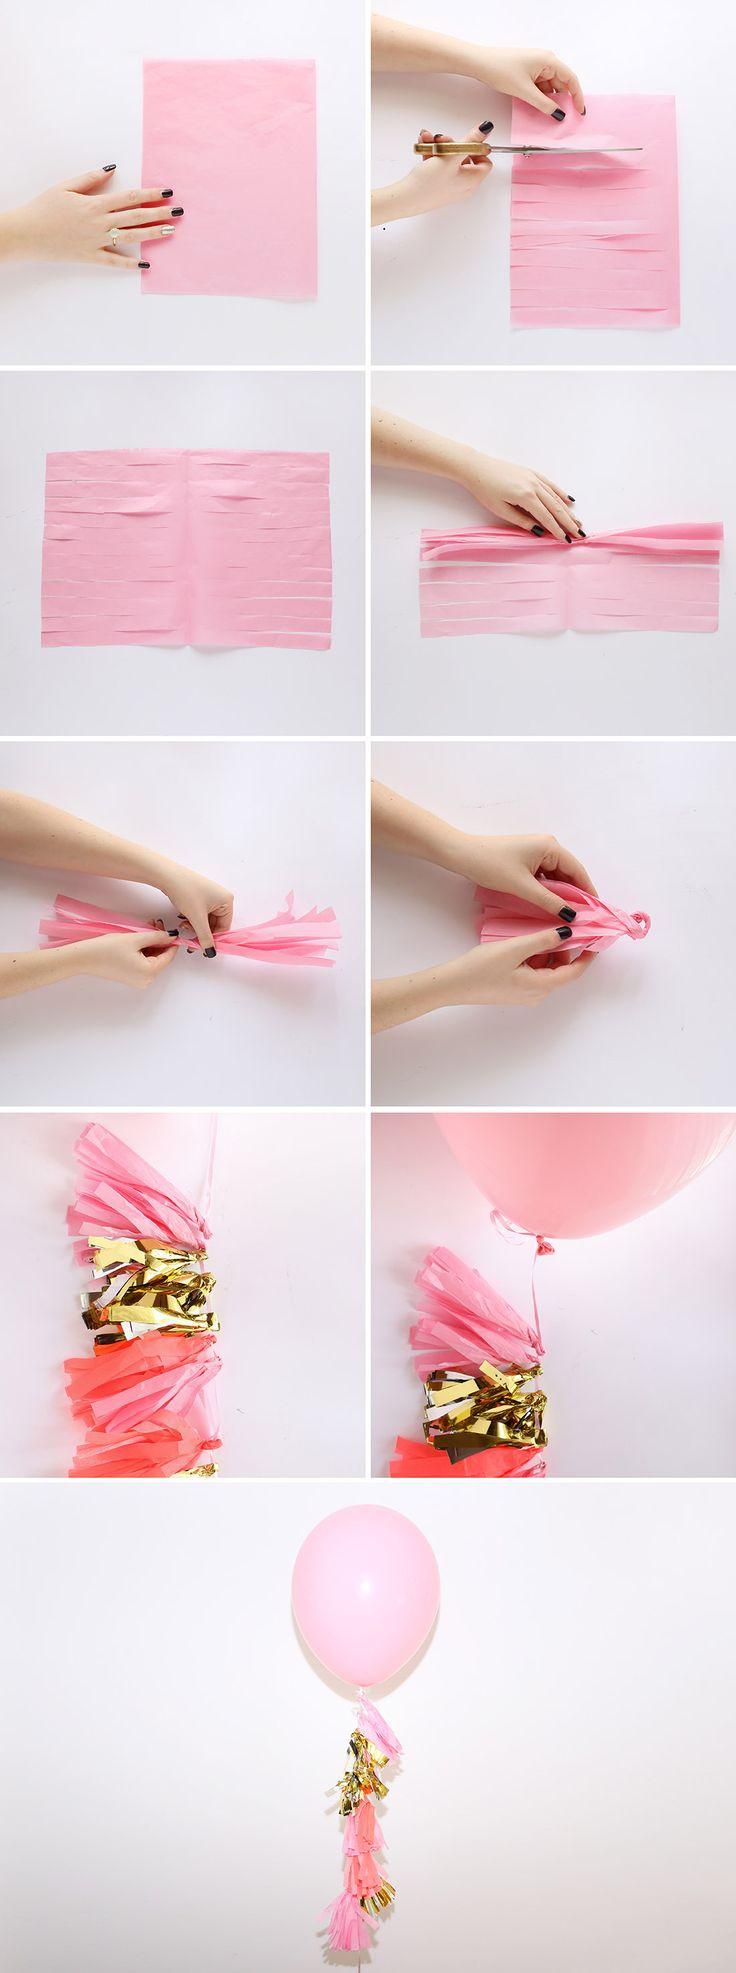 Follow this tutorial to create a festive tassel balloon.